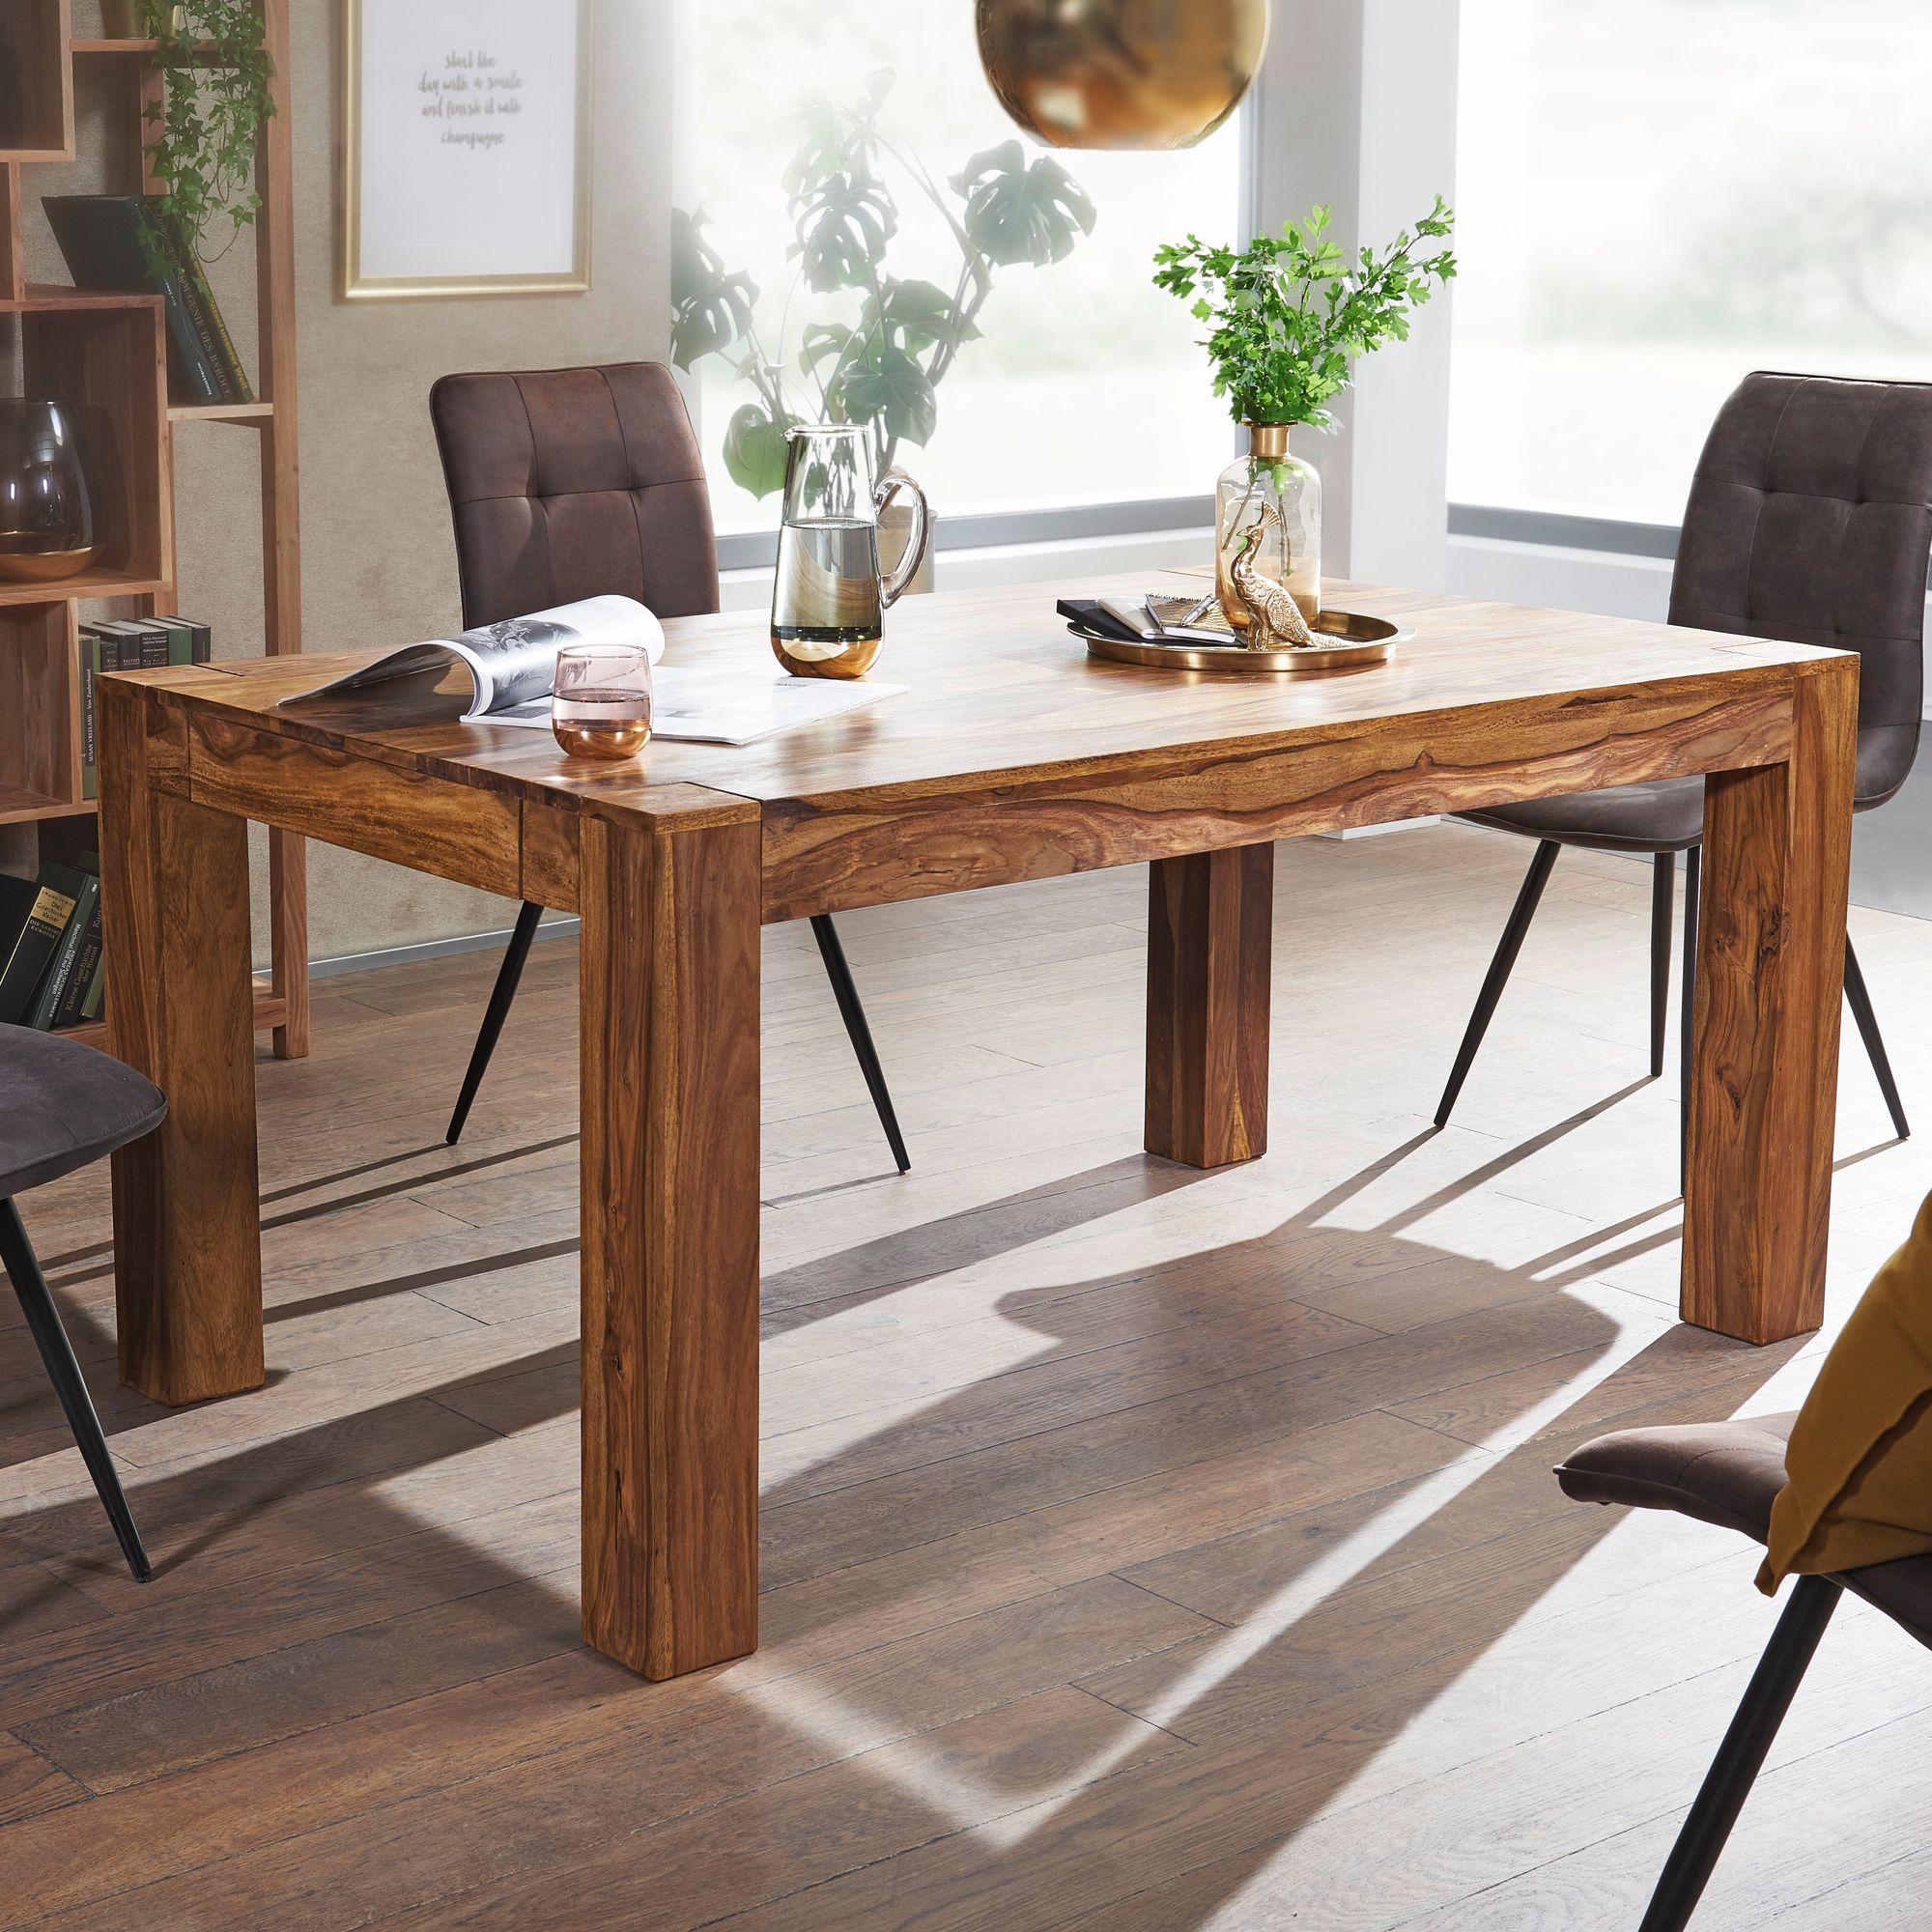 Finebuy Esstisch Massiv 160 240 Cm Ausziehbar Massivholz Esszimmer Tisch Neu Ebay